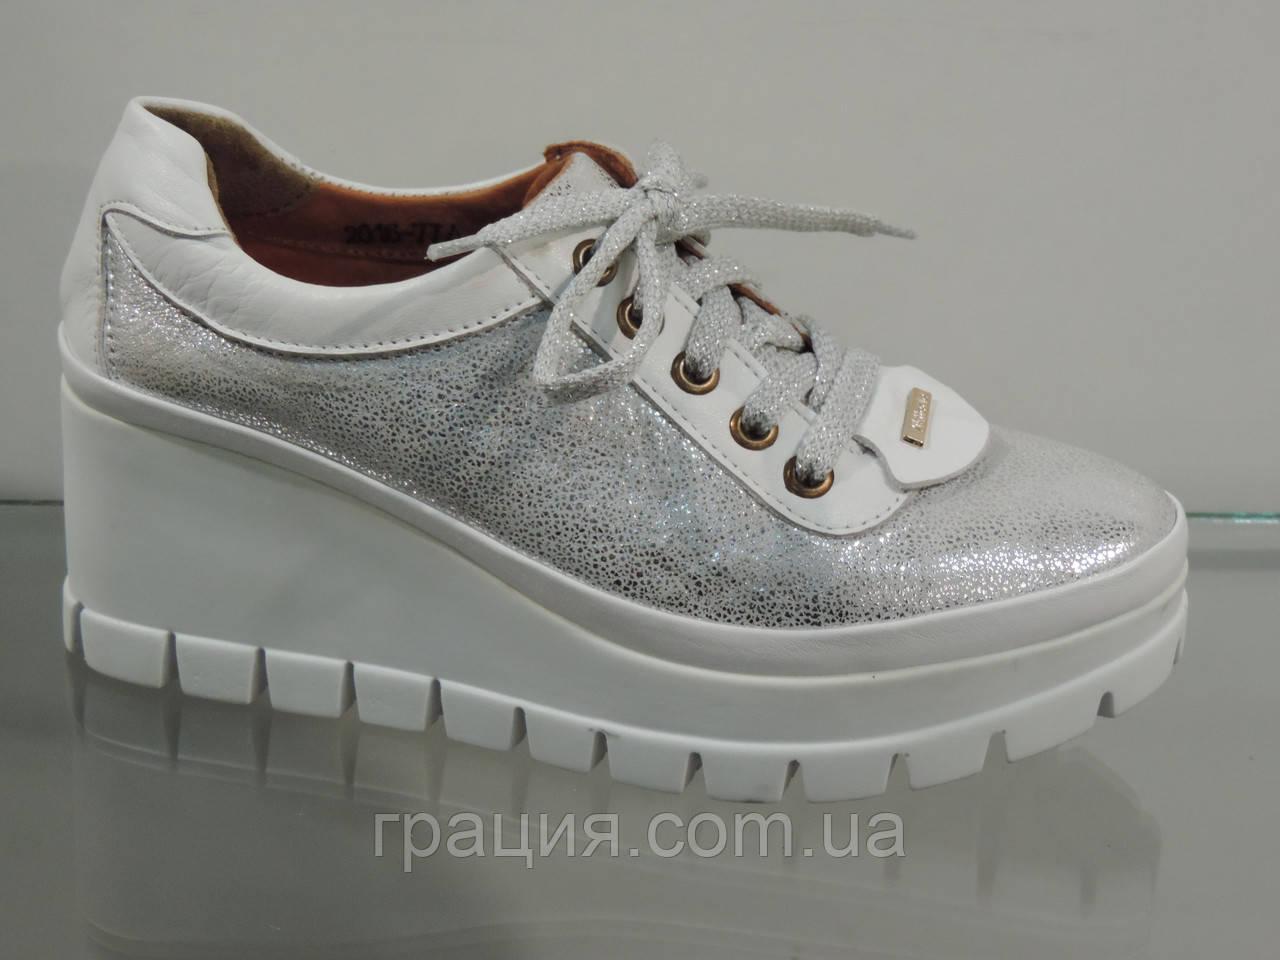 1ea7b03fd5d7 Туфли молодежные кожаные на платформе серебро: продажа, цена в Конотопе.  туфли ...